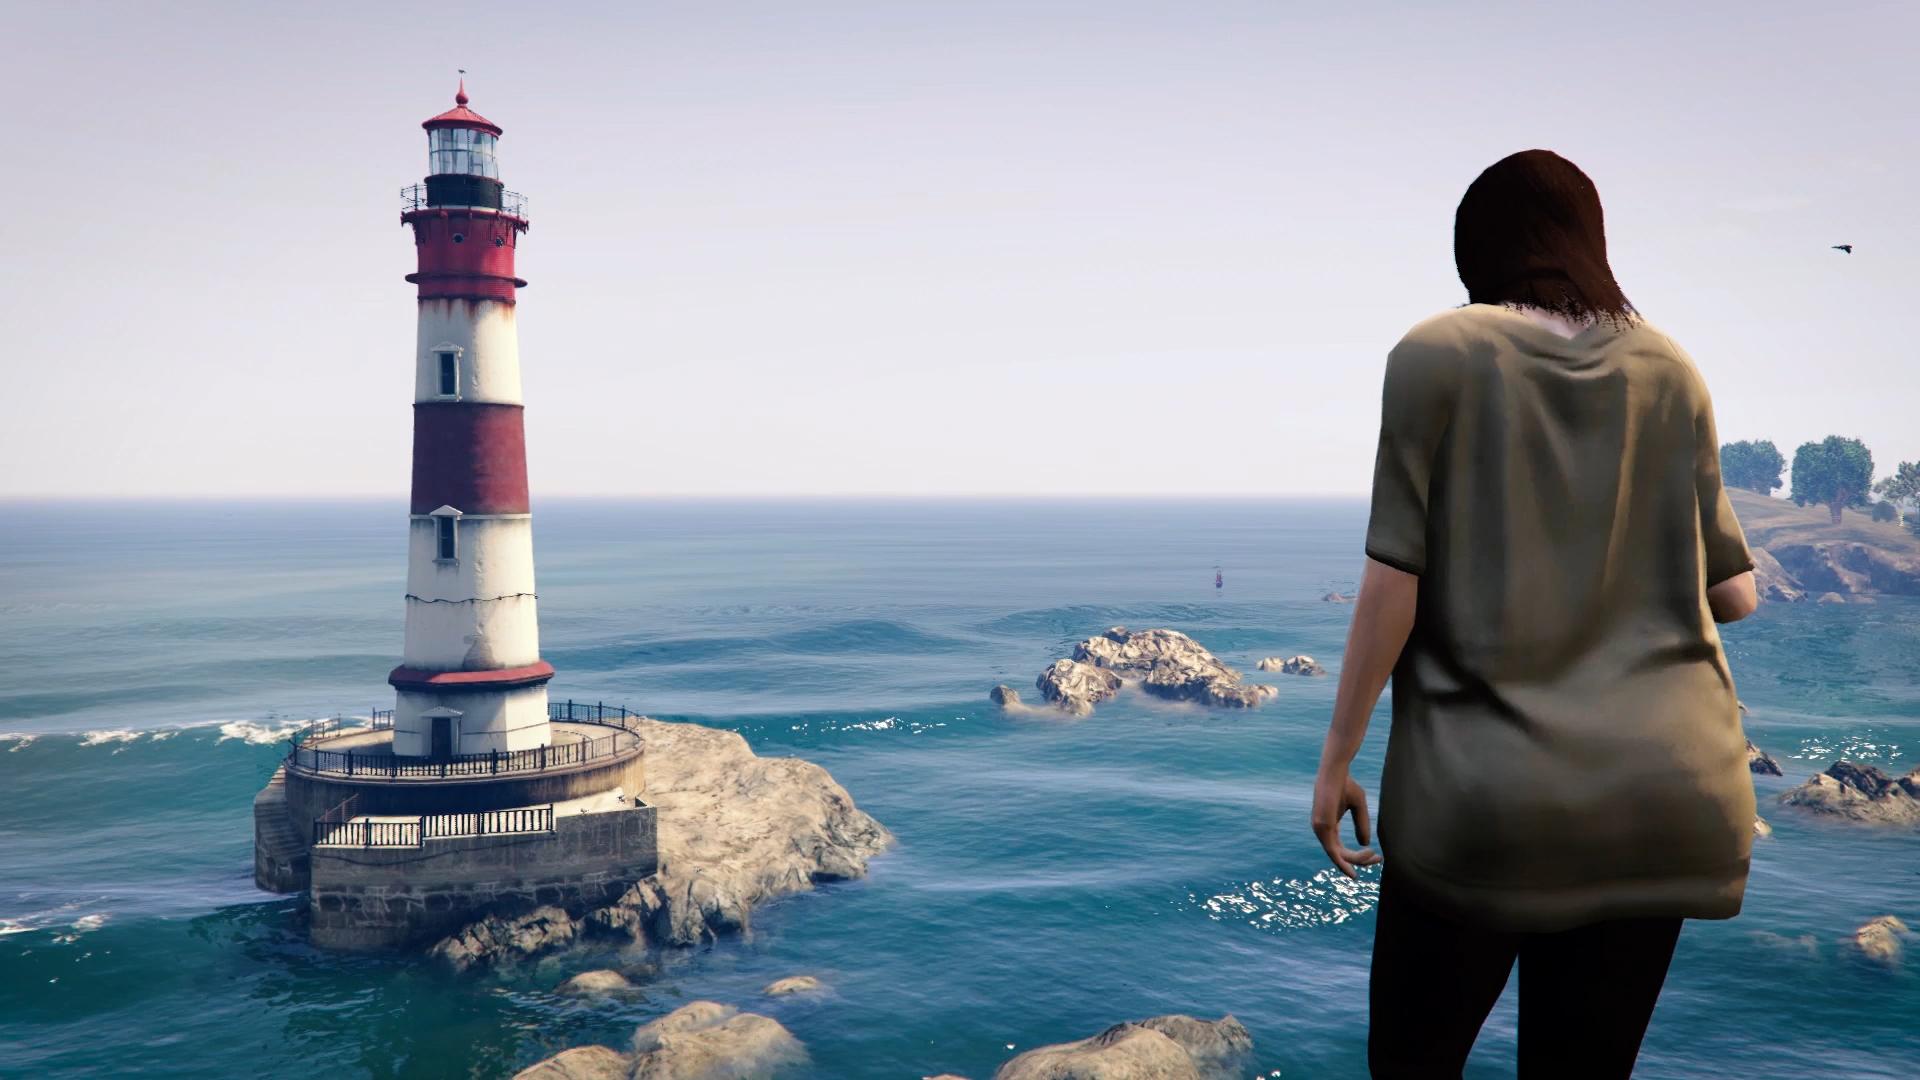 The Lighthouse_1.jpg